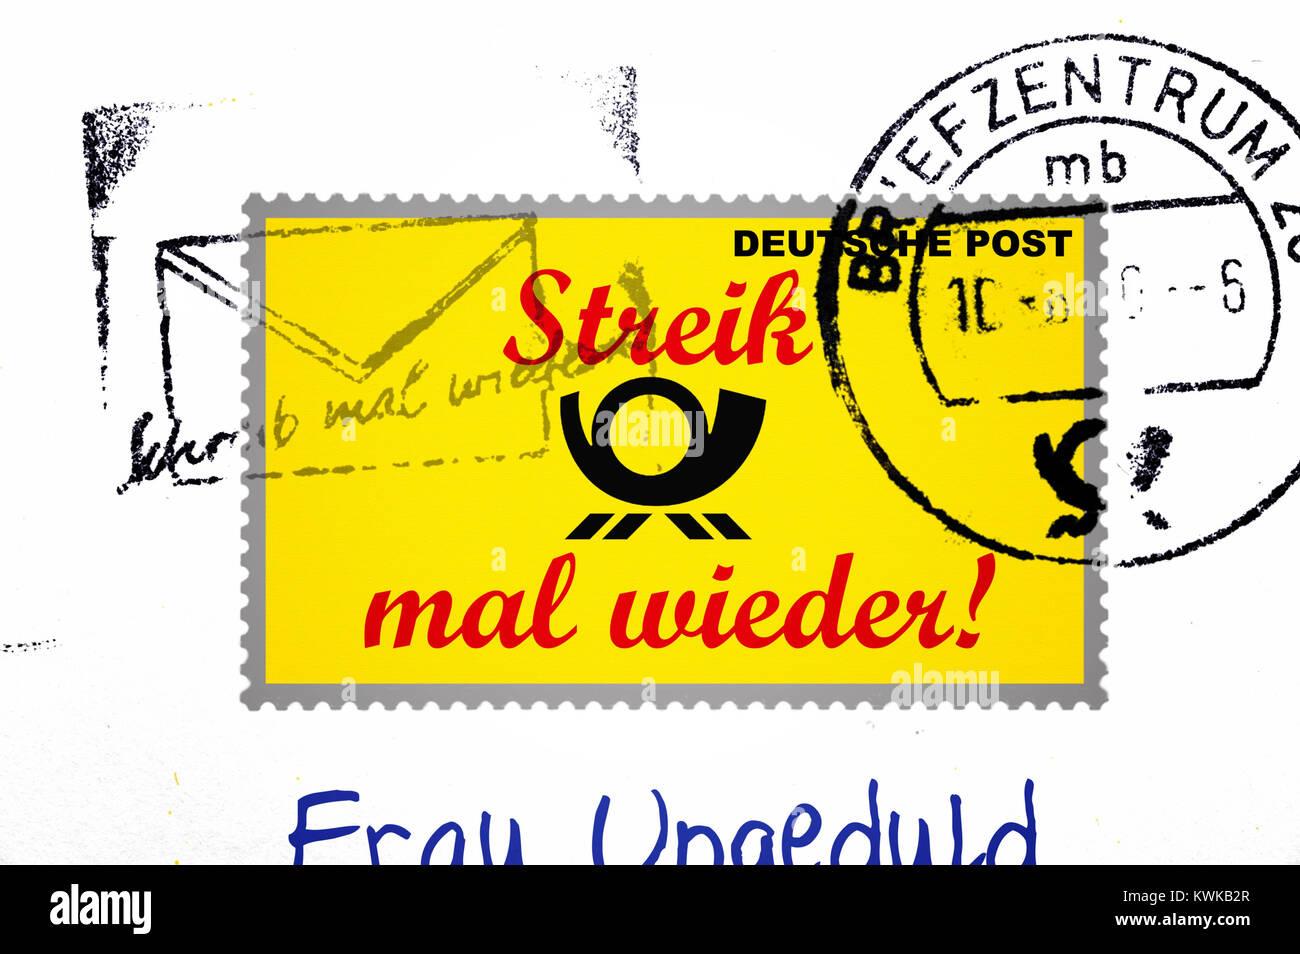 Stamp with stroke strike once more, symbolic photo postal strike, Briefmarke mit Schriftzug Streik mal wieder, Symbolfoto Stock Photo